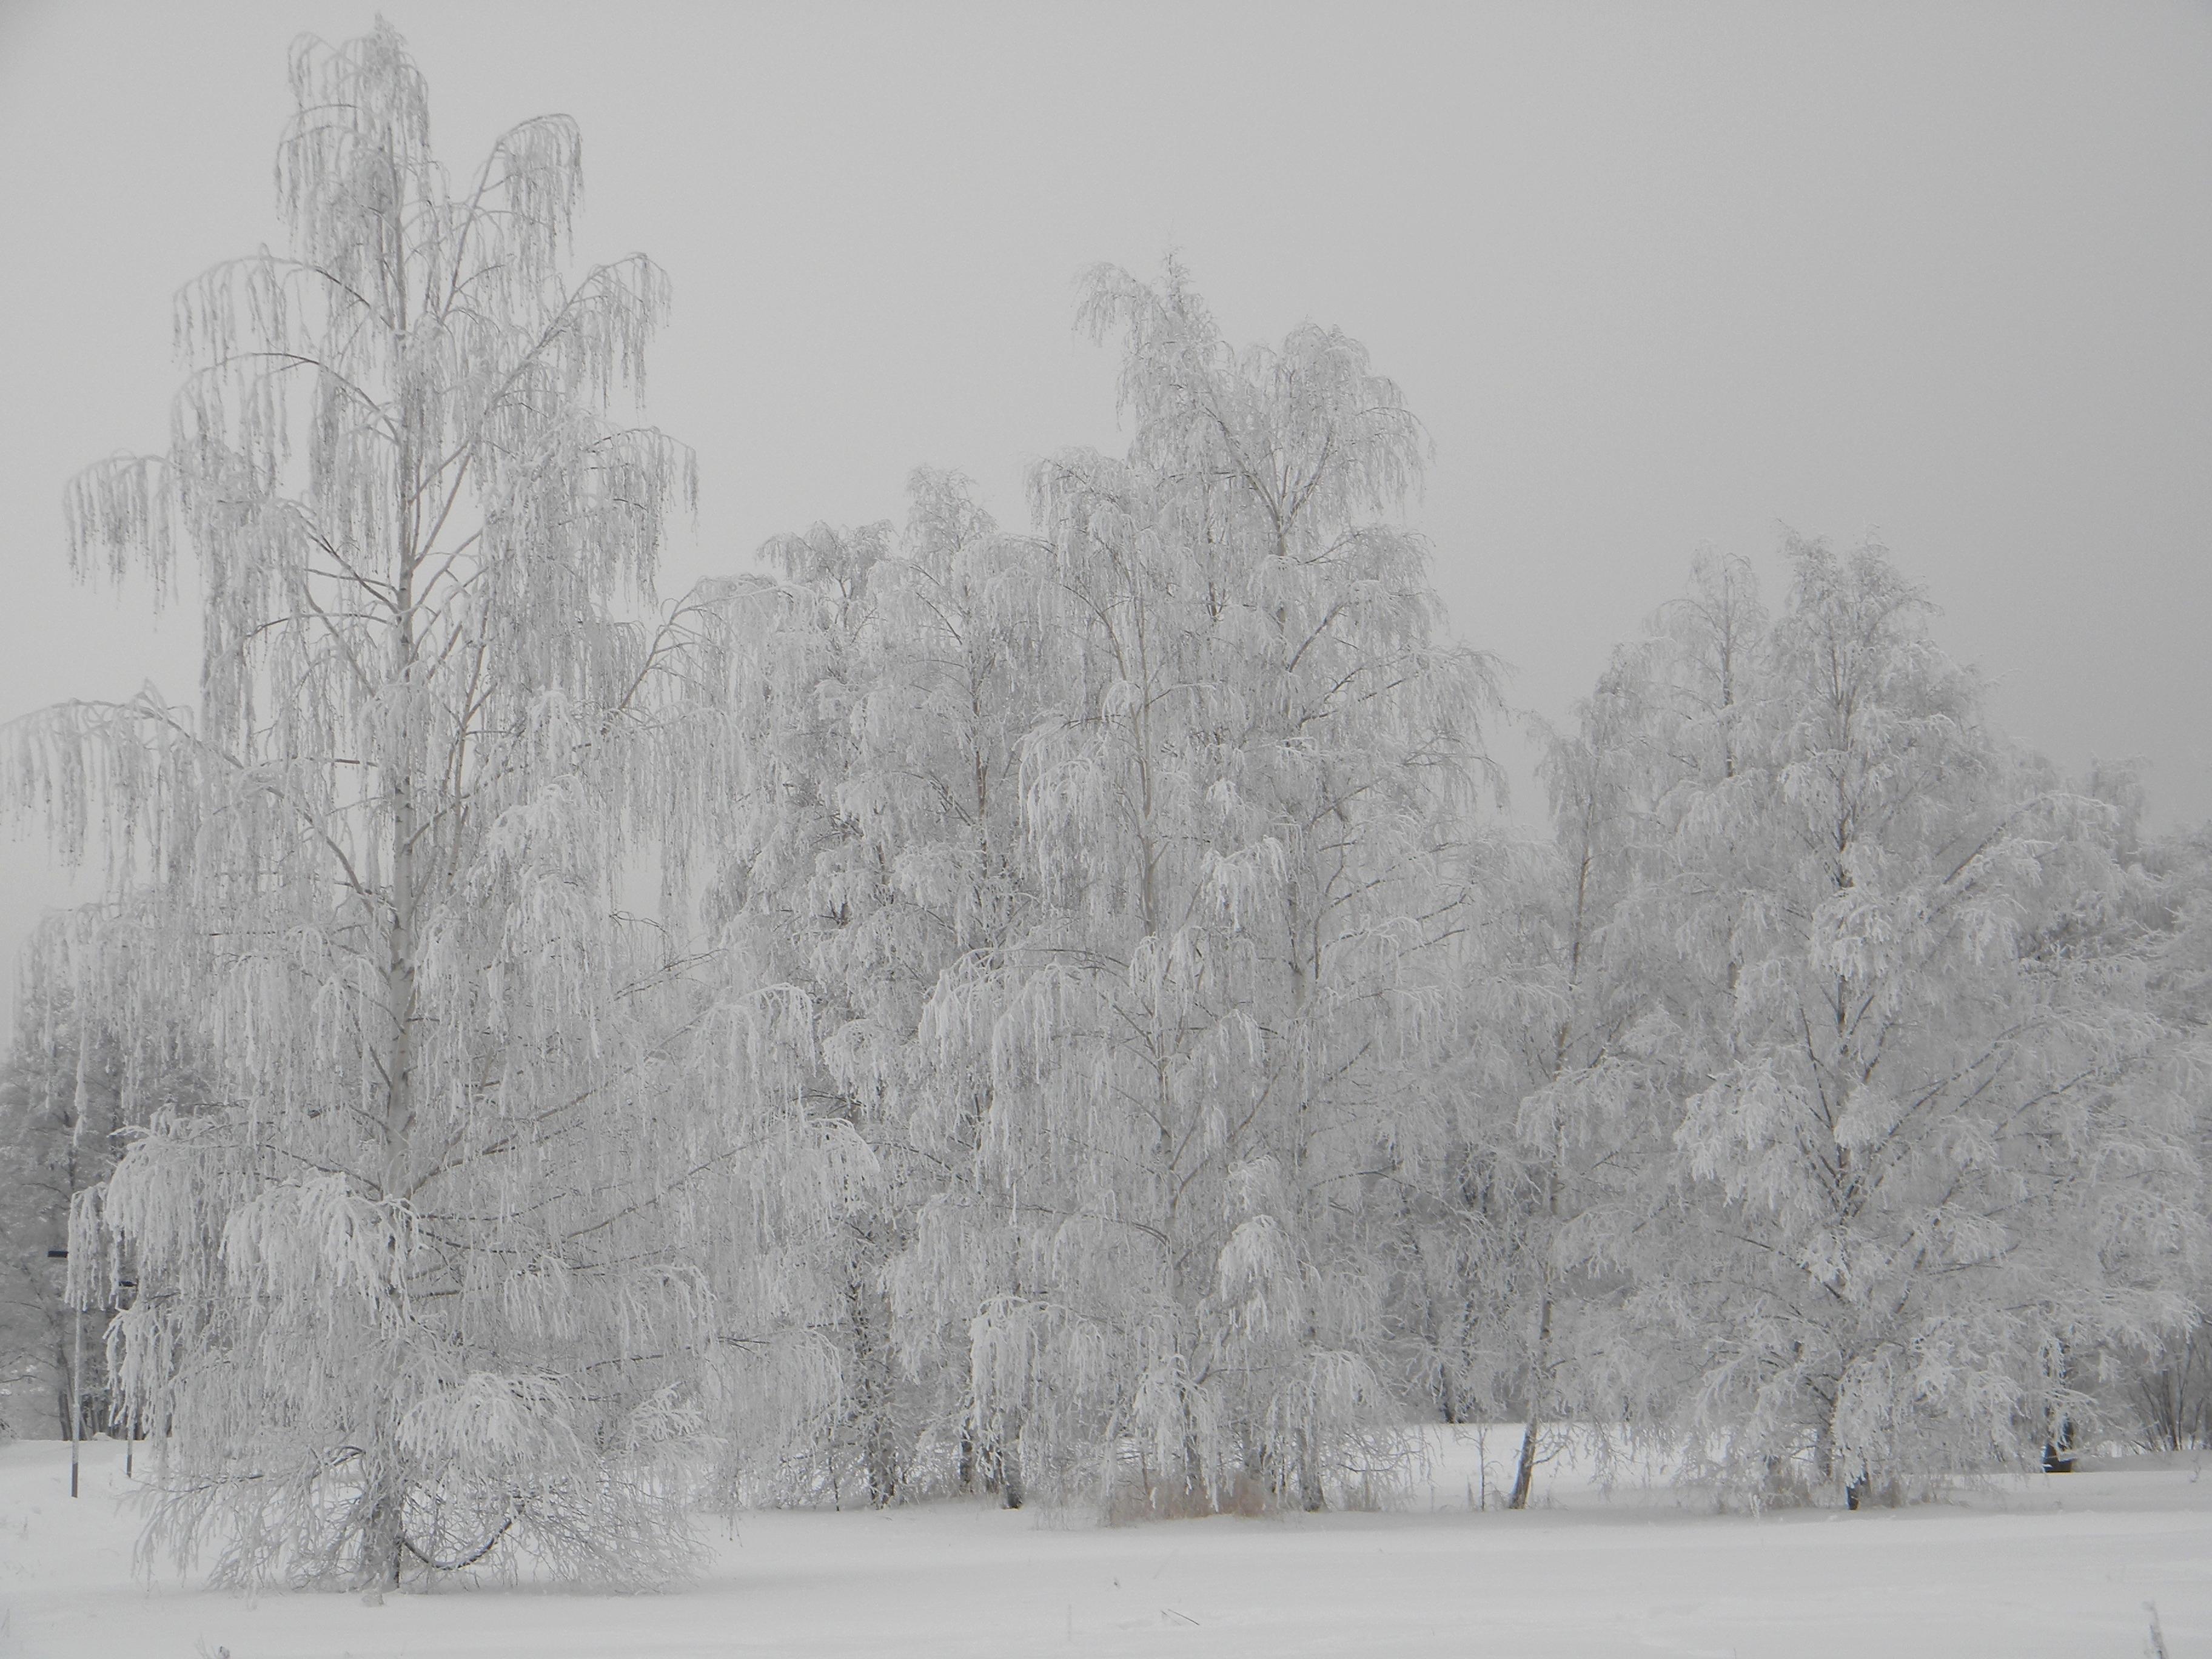 File:Silvered frosty trees in winter wonderland Helsinki 2 ...